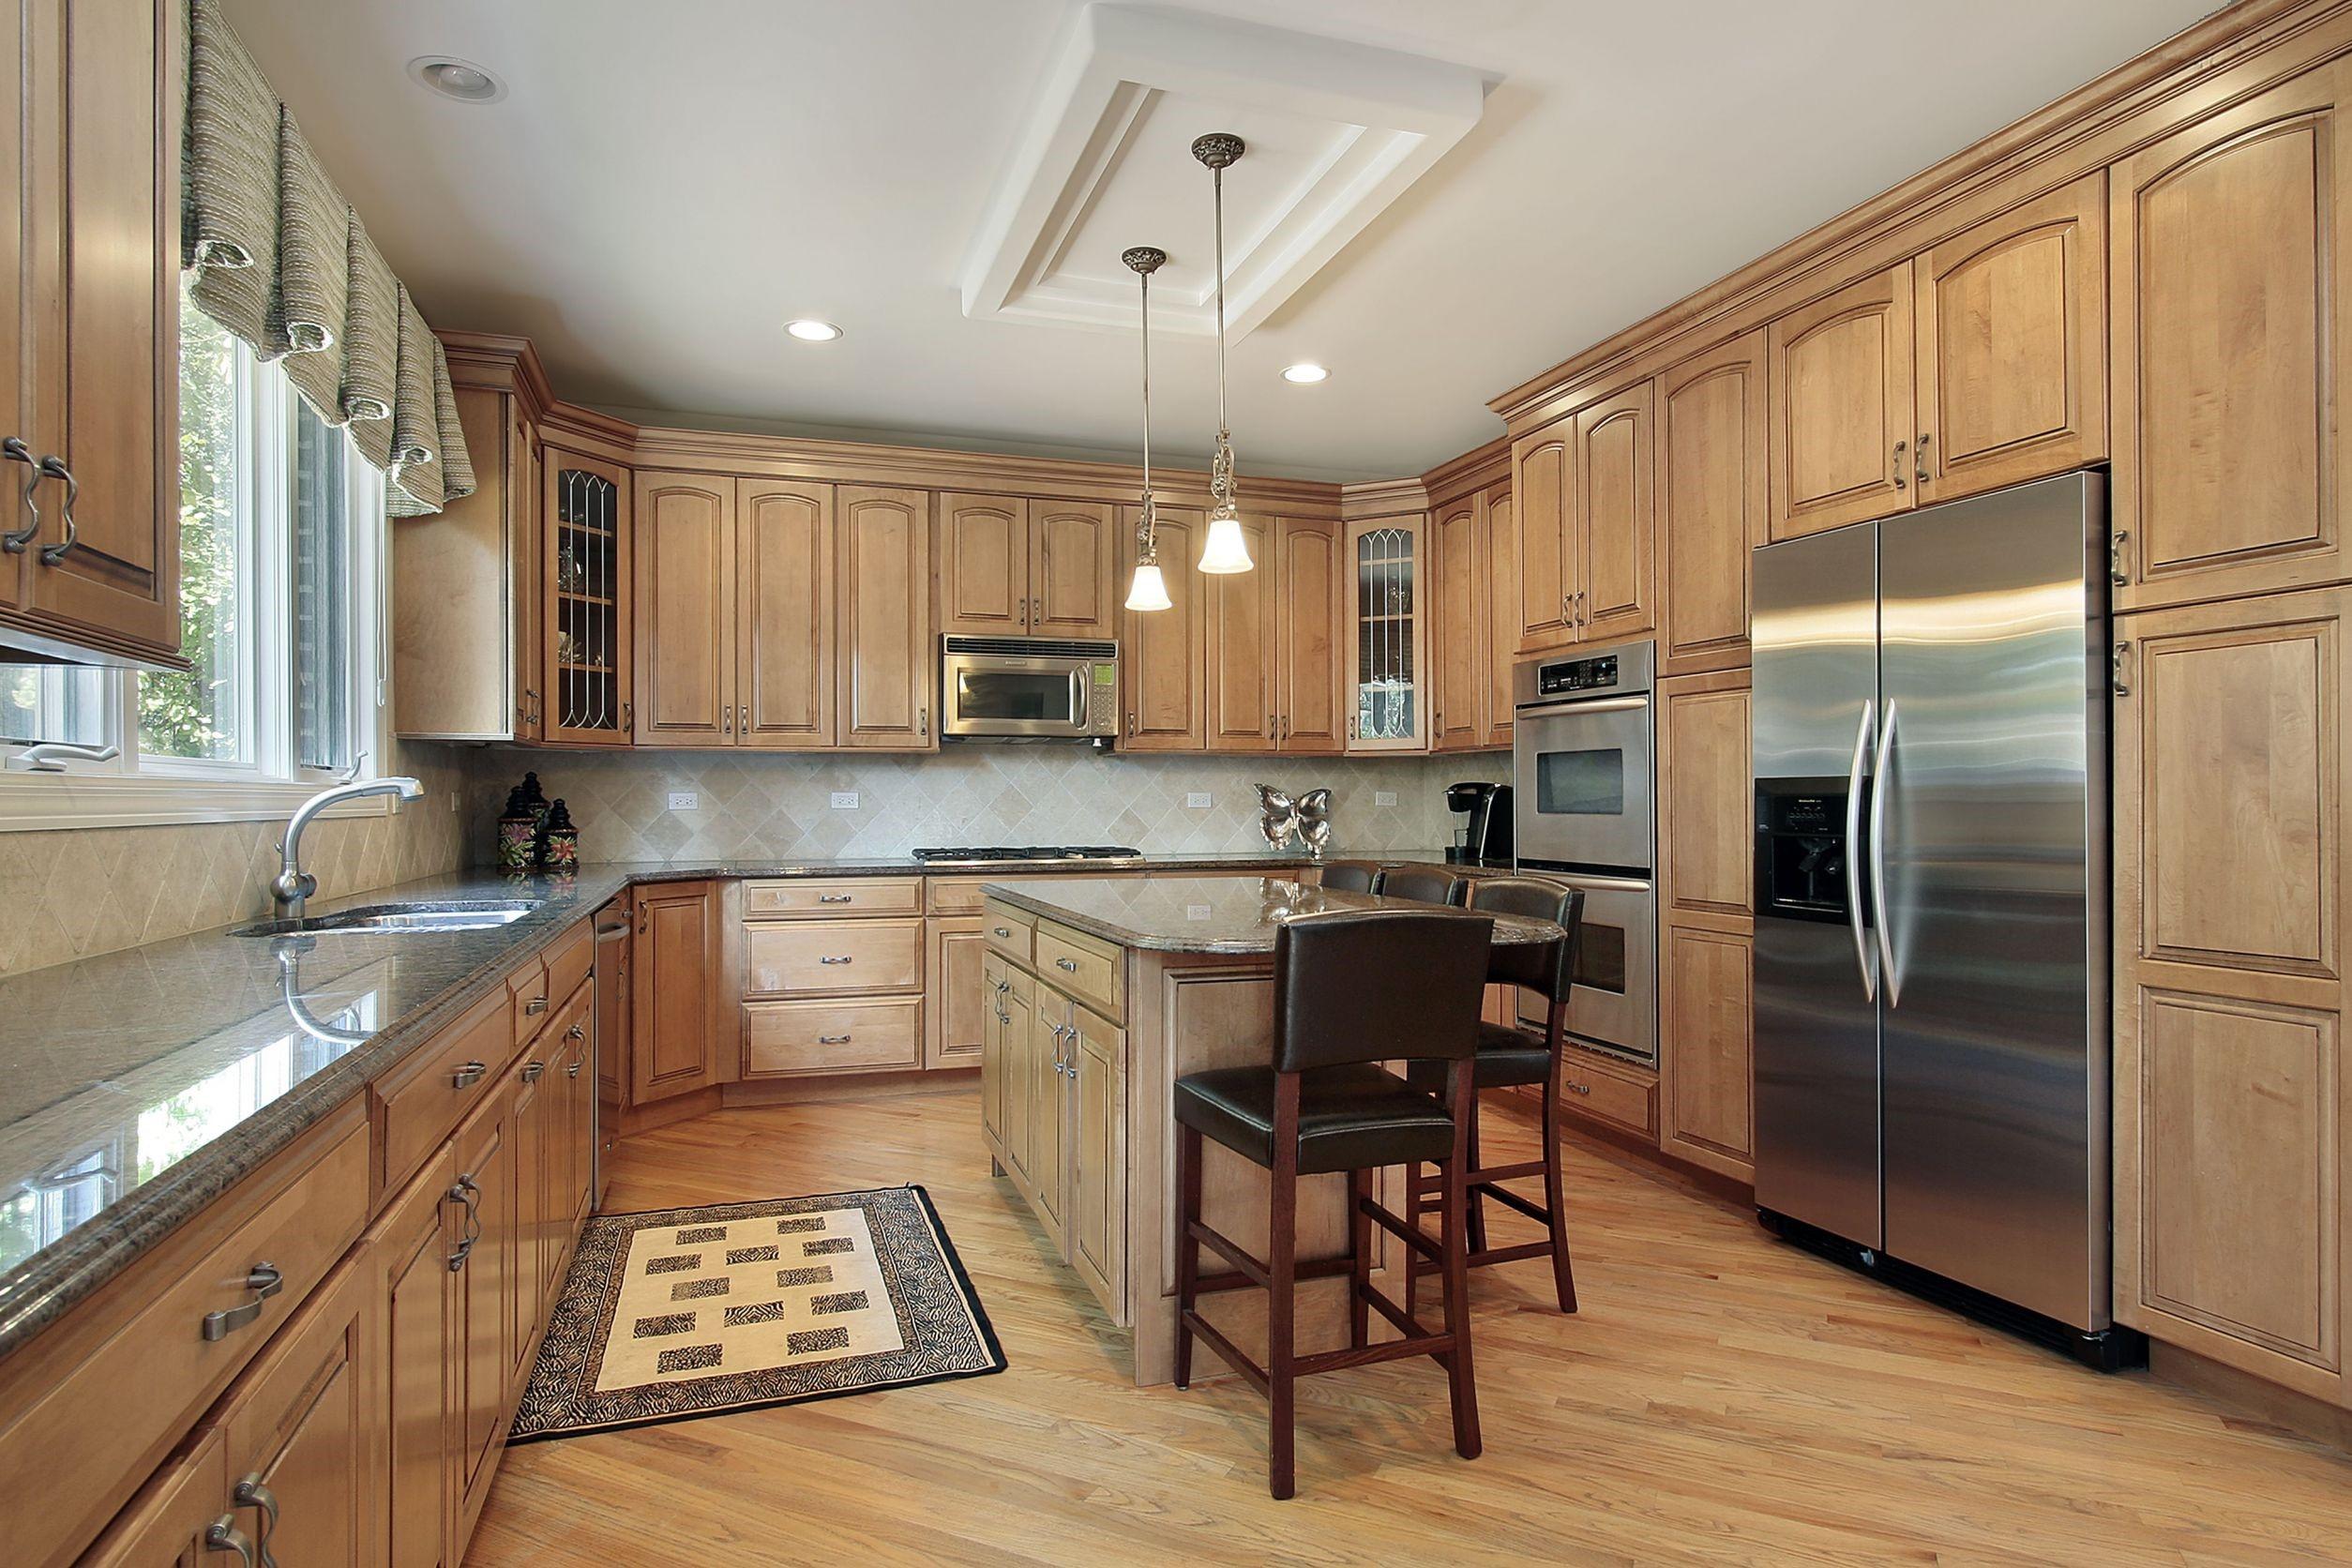 מטבח מעץ מלא דגם עץ בסגנון אמריקאי